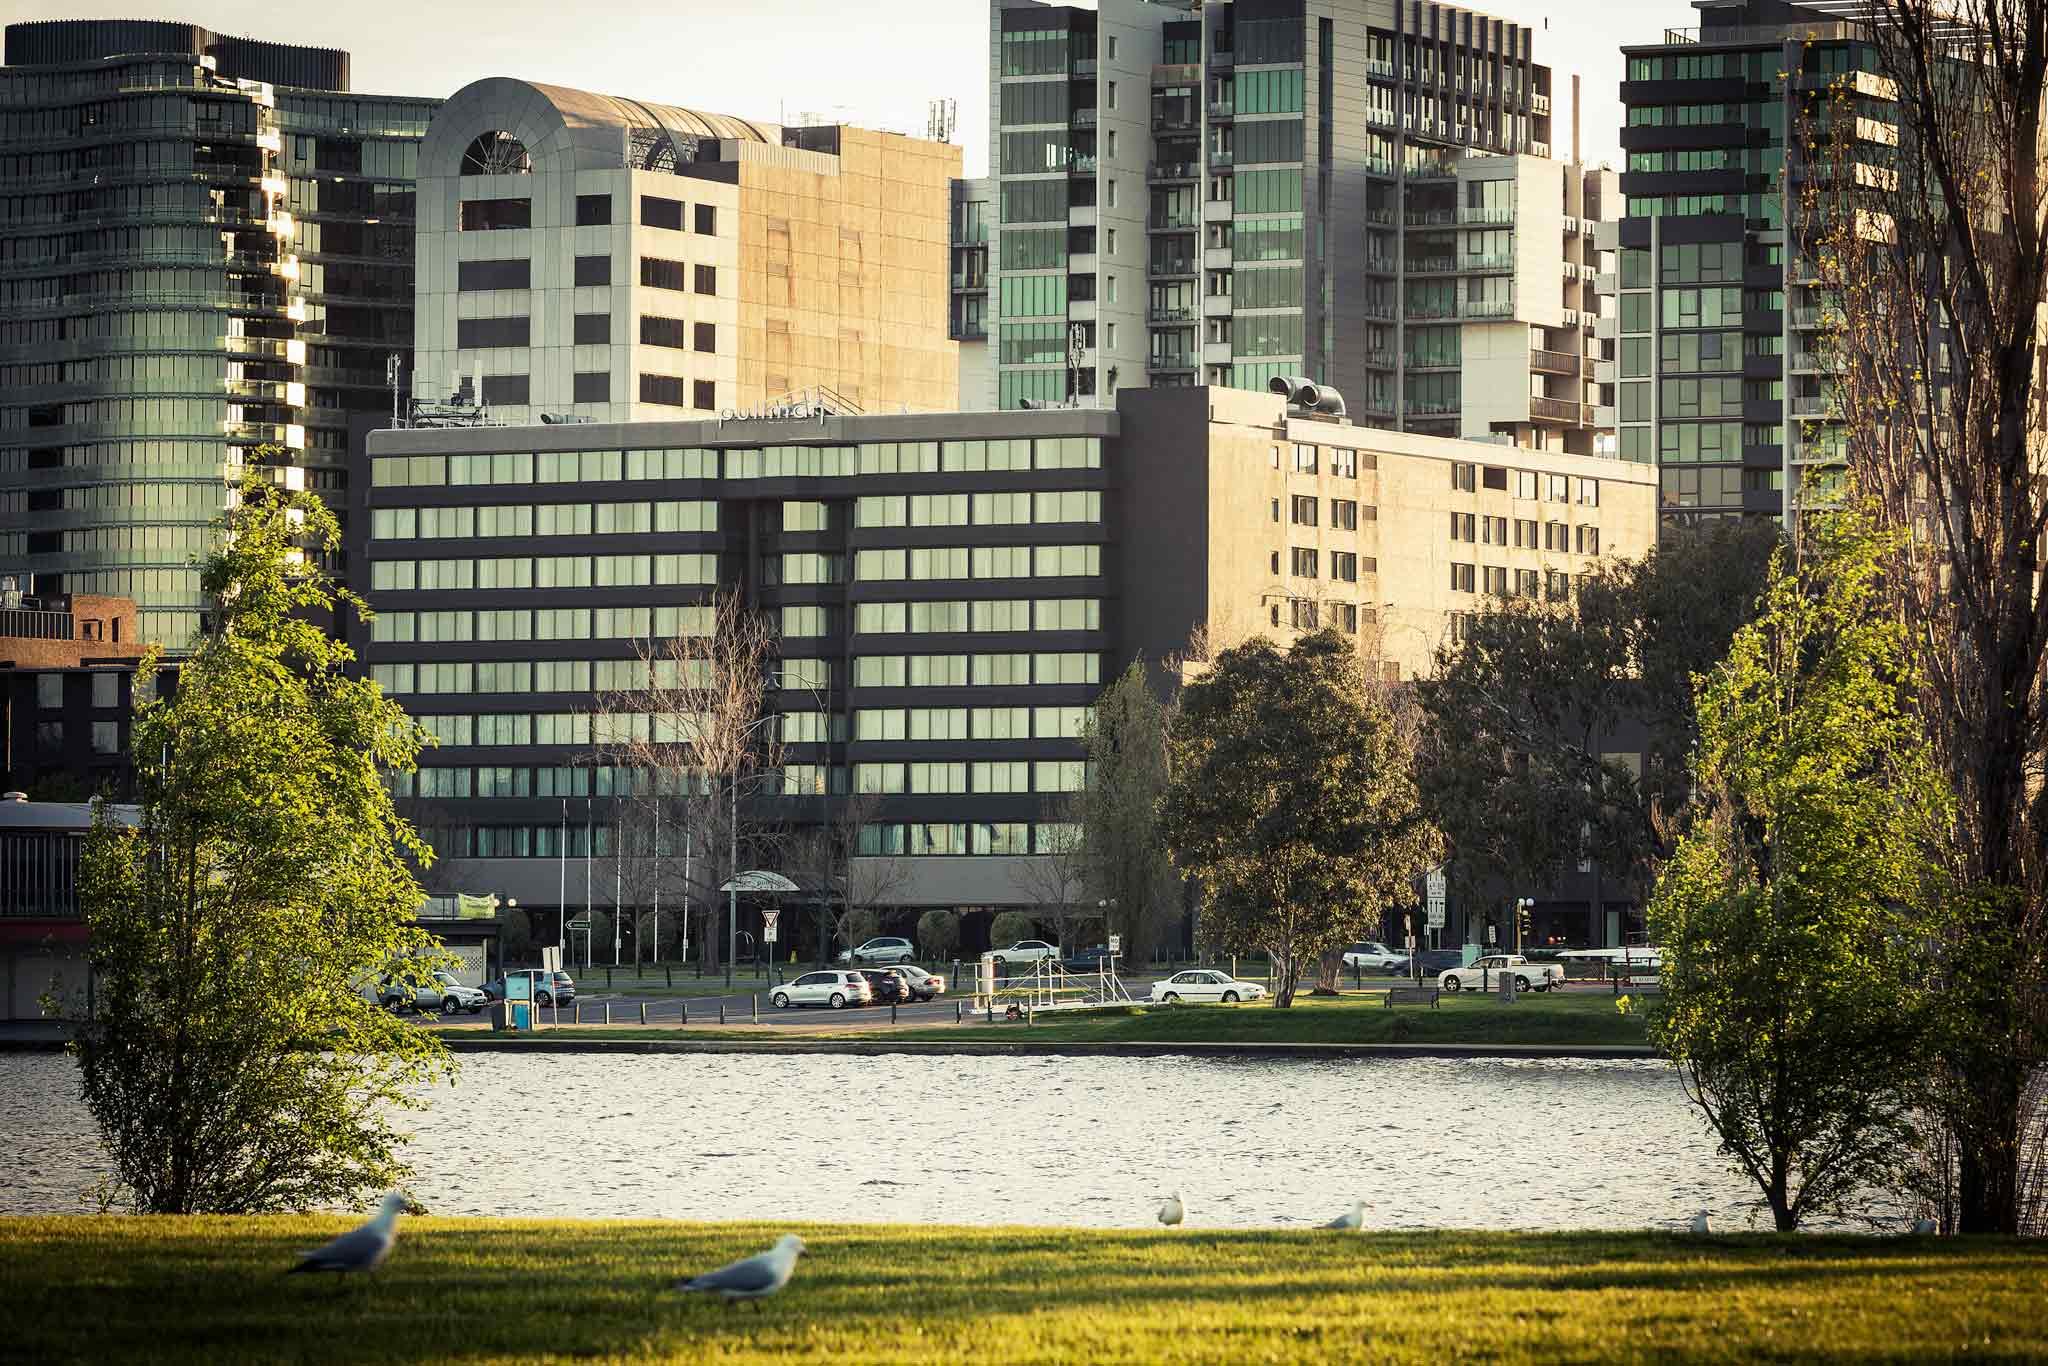 酒店 – 墨尔本艾尔伯特公园美居酒店